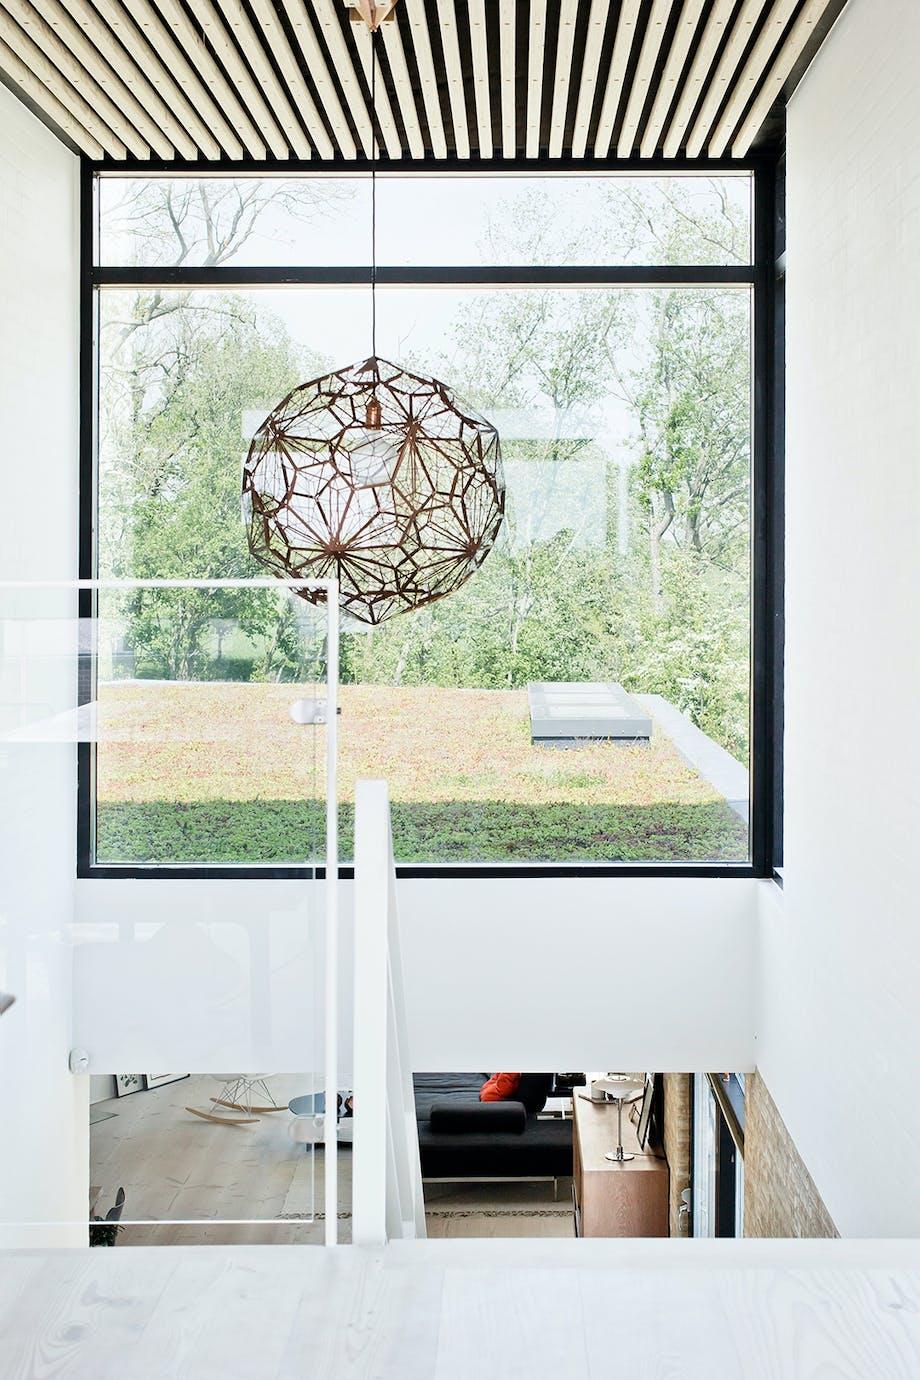 trappe opgang lysekrone vindue udsigt